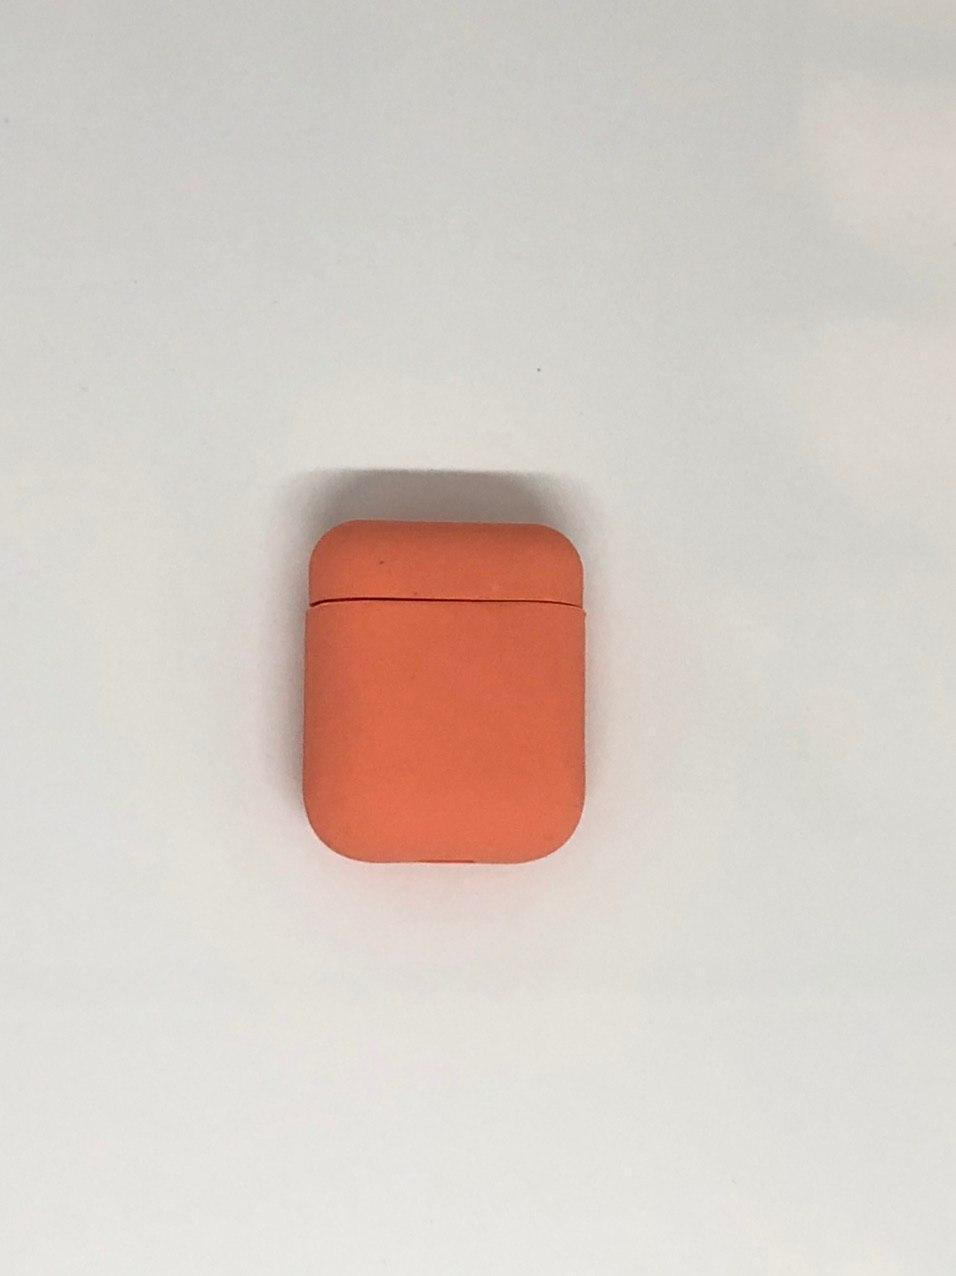 """Чохли для AirPods - """"Яскраво-оранжевий №42"""", силіконові"""